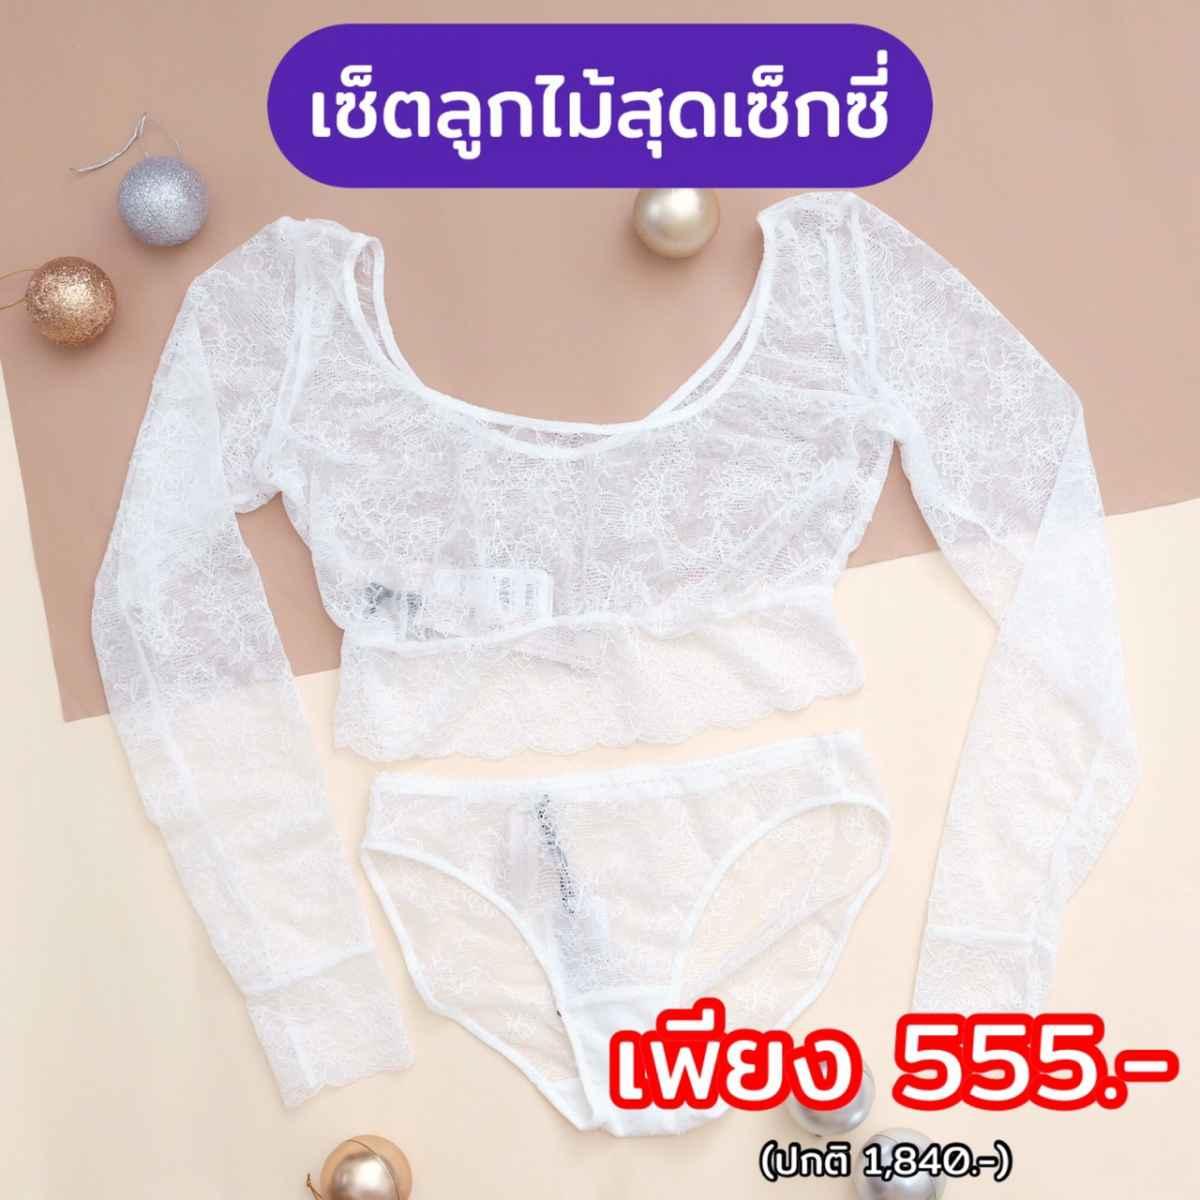 Shopee 5.5 x Sabina